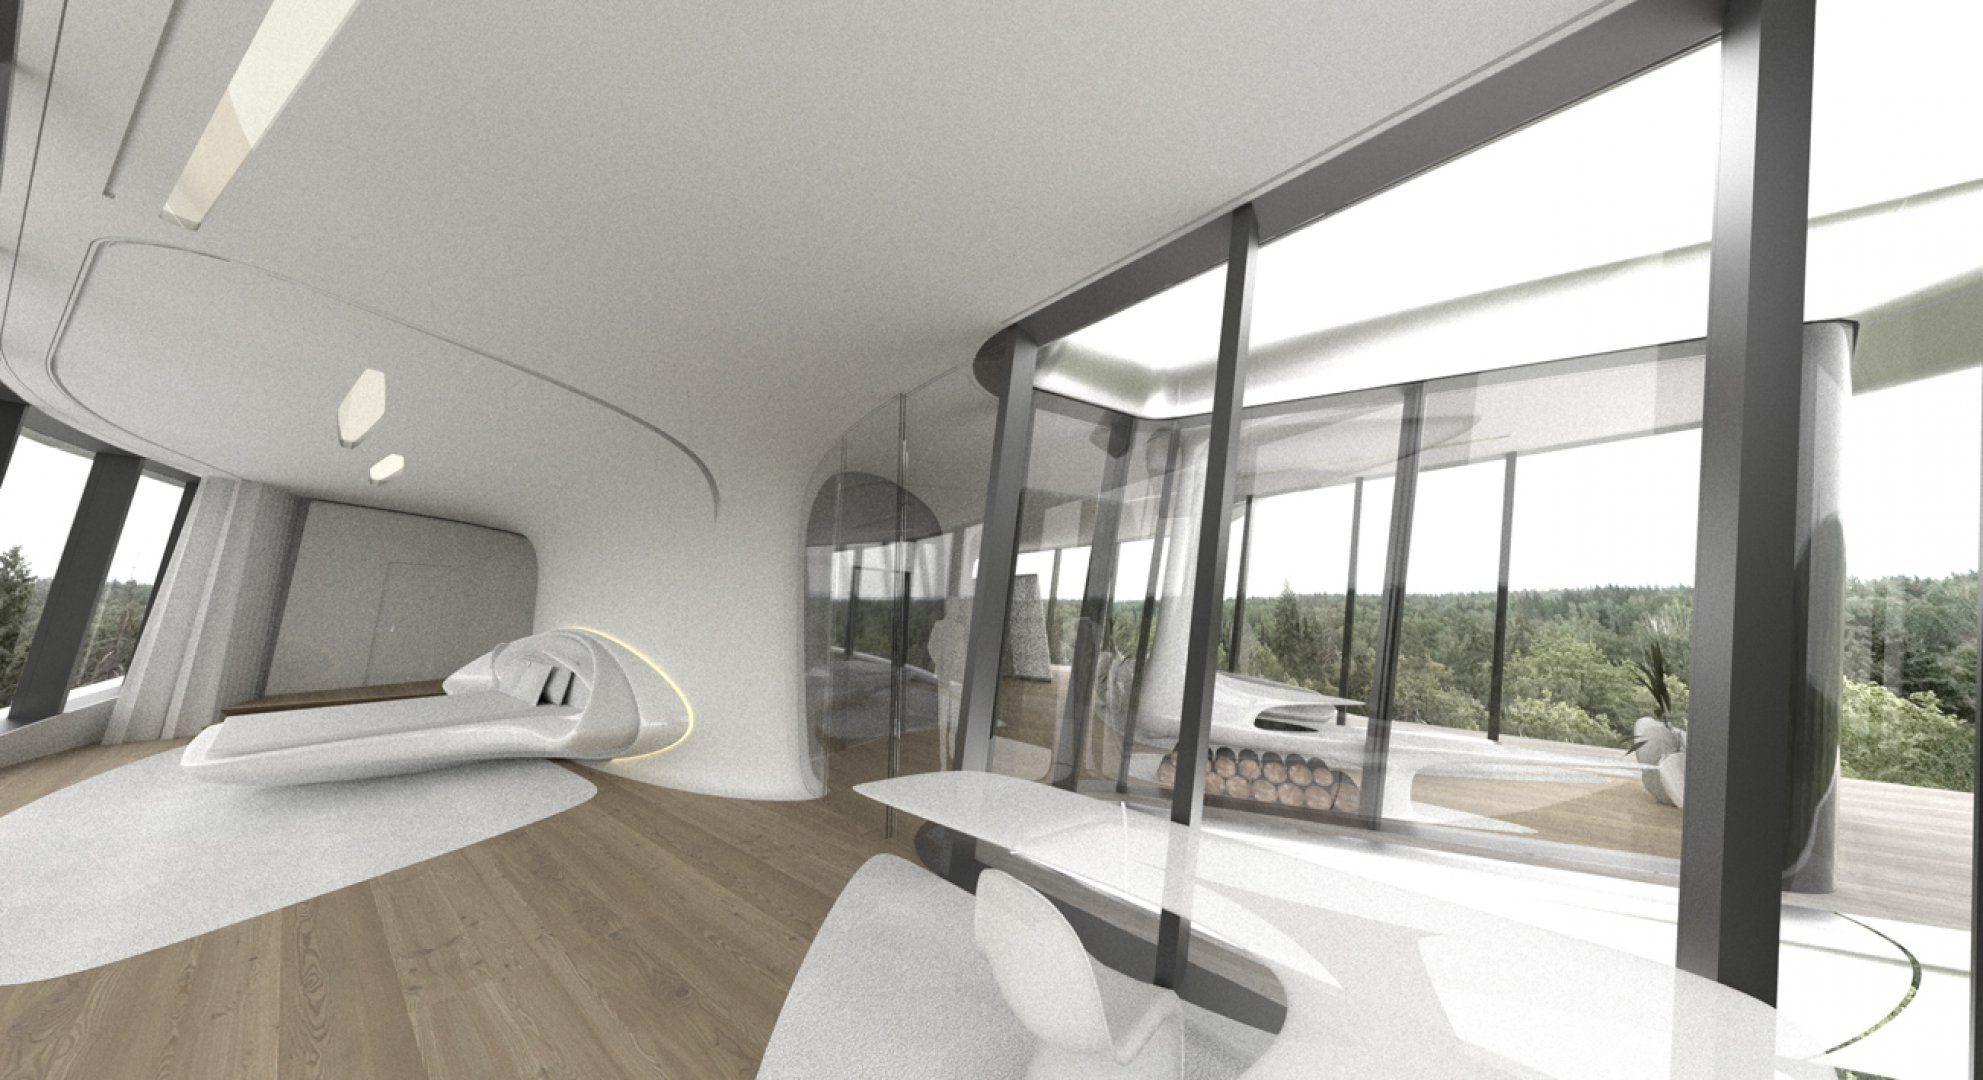 Futuristic Bedroom Ideas Were Alien Design. Ideas